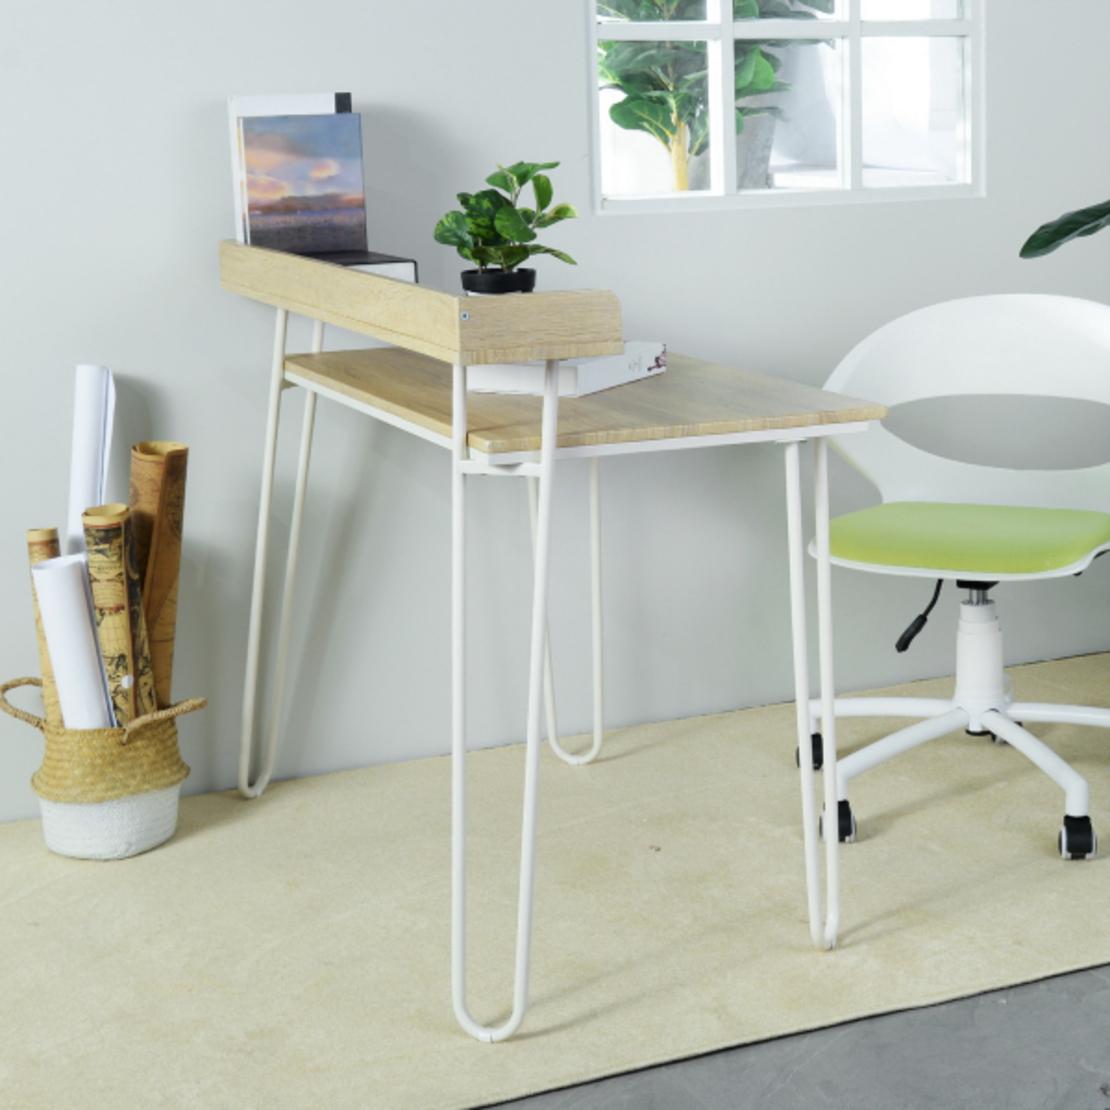 אייסר שולחן מחשב HOMAX בשני צבעים